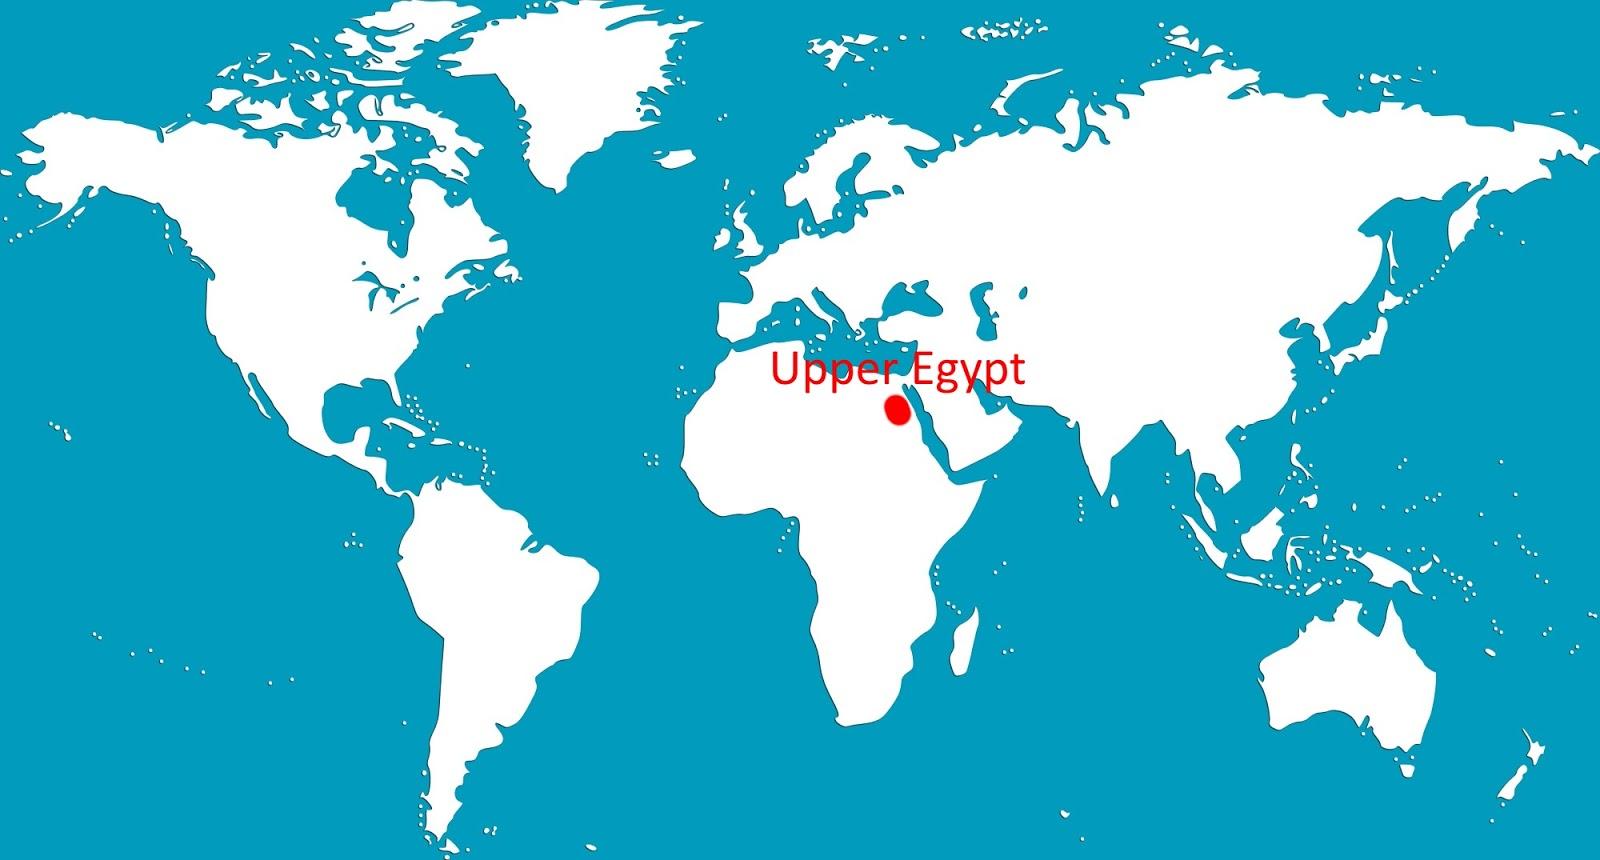 世界の勢力大事典: 上エジプト